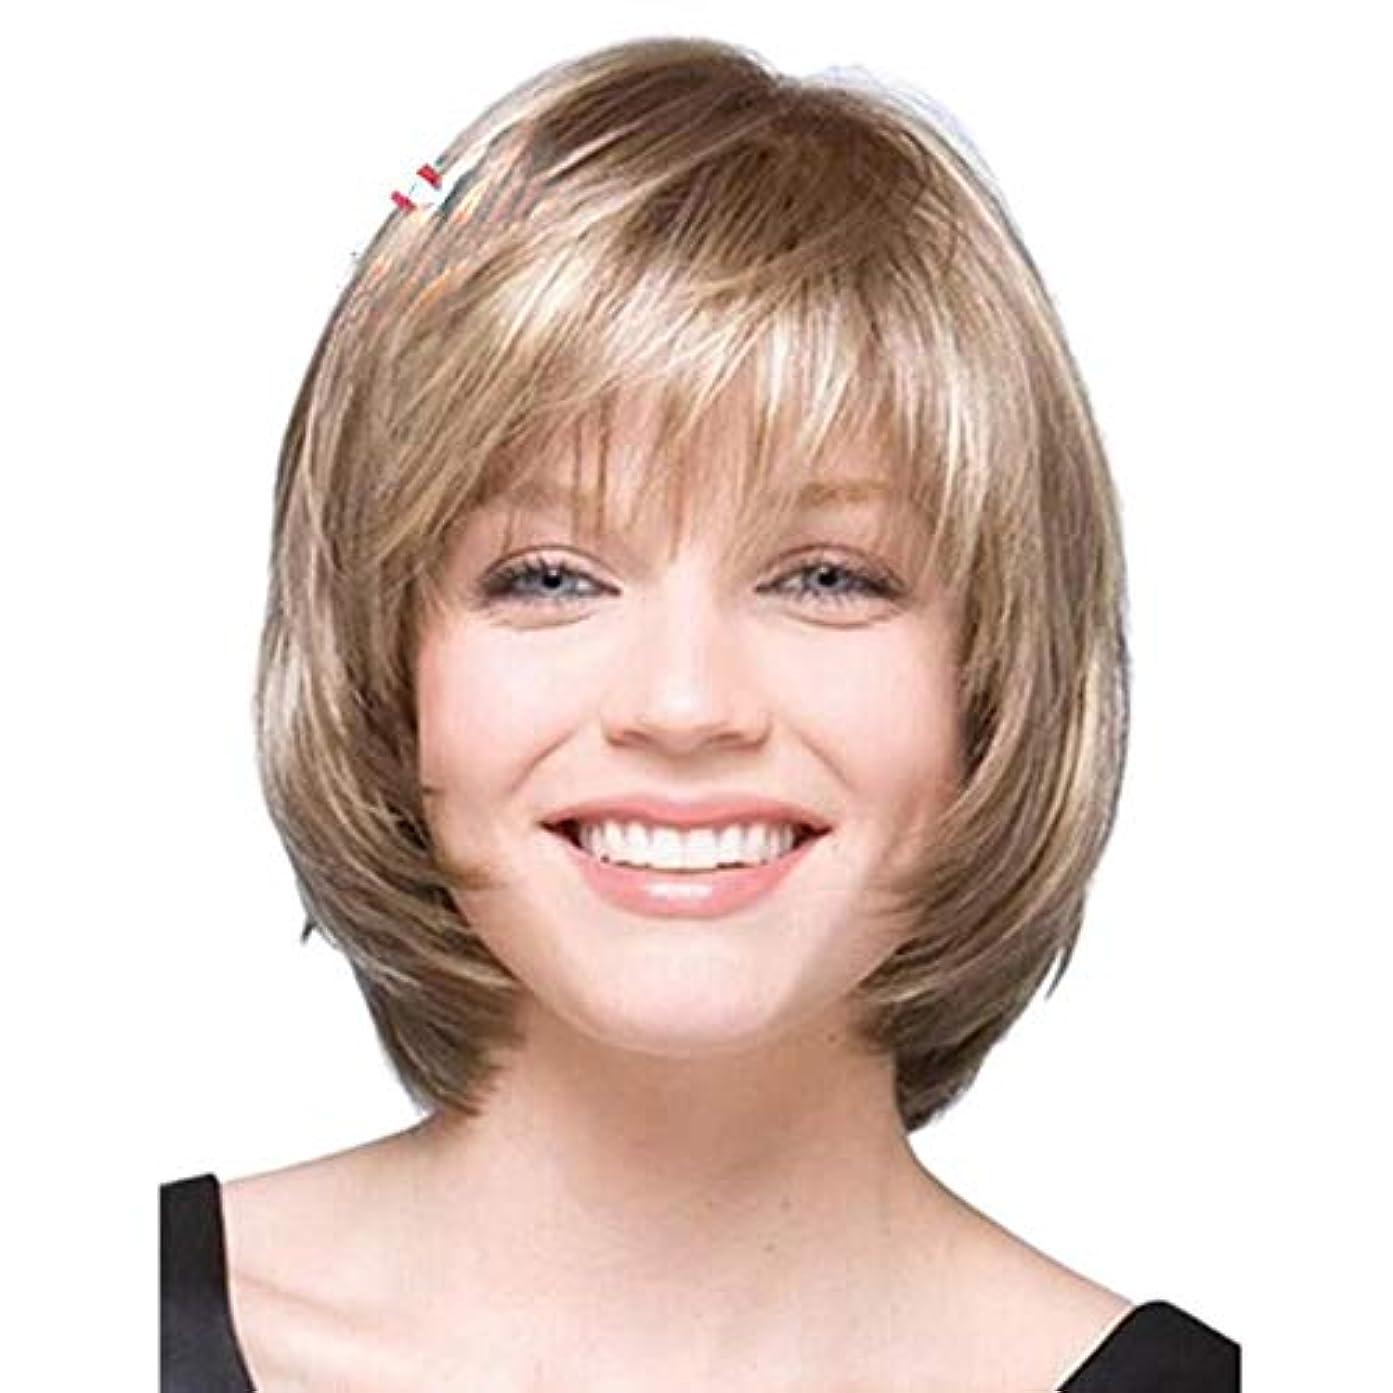 に賛成スマートウッズYOUQIU ウィッグキャップのかつらを持つ女性合成かつらのための短い金髪のウィッグカーリーファンシーコスプレウィッグ (色 : Blonde)